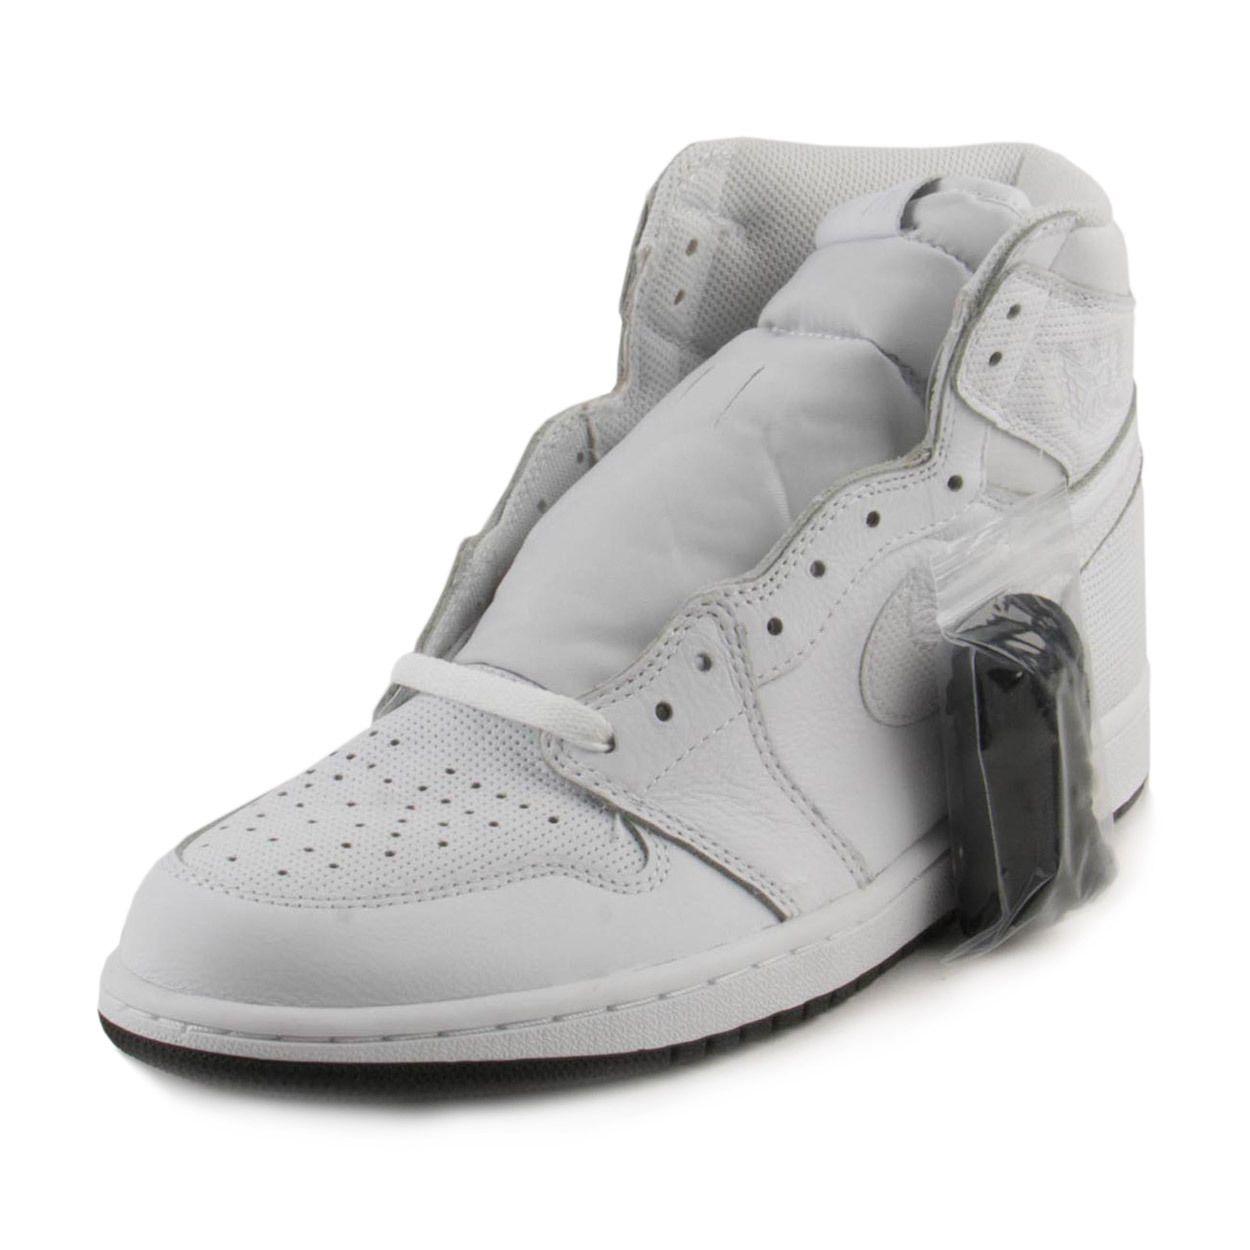 huge selection of 1c565 c66b4 Nike Mens Air Jordan 1 Retro High OG White Black 555088-100